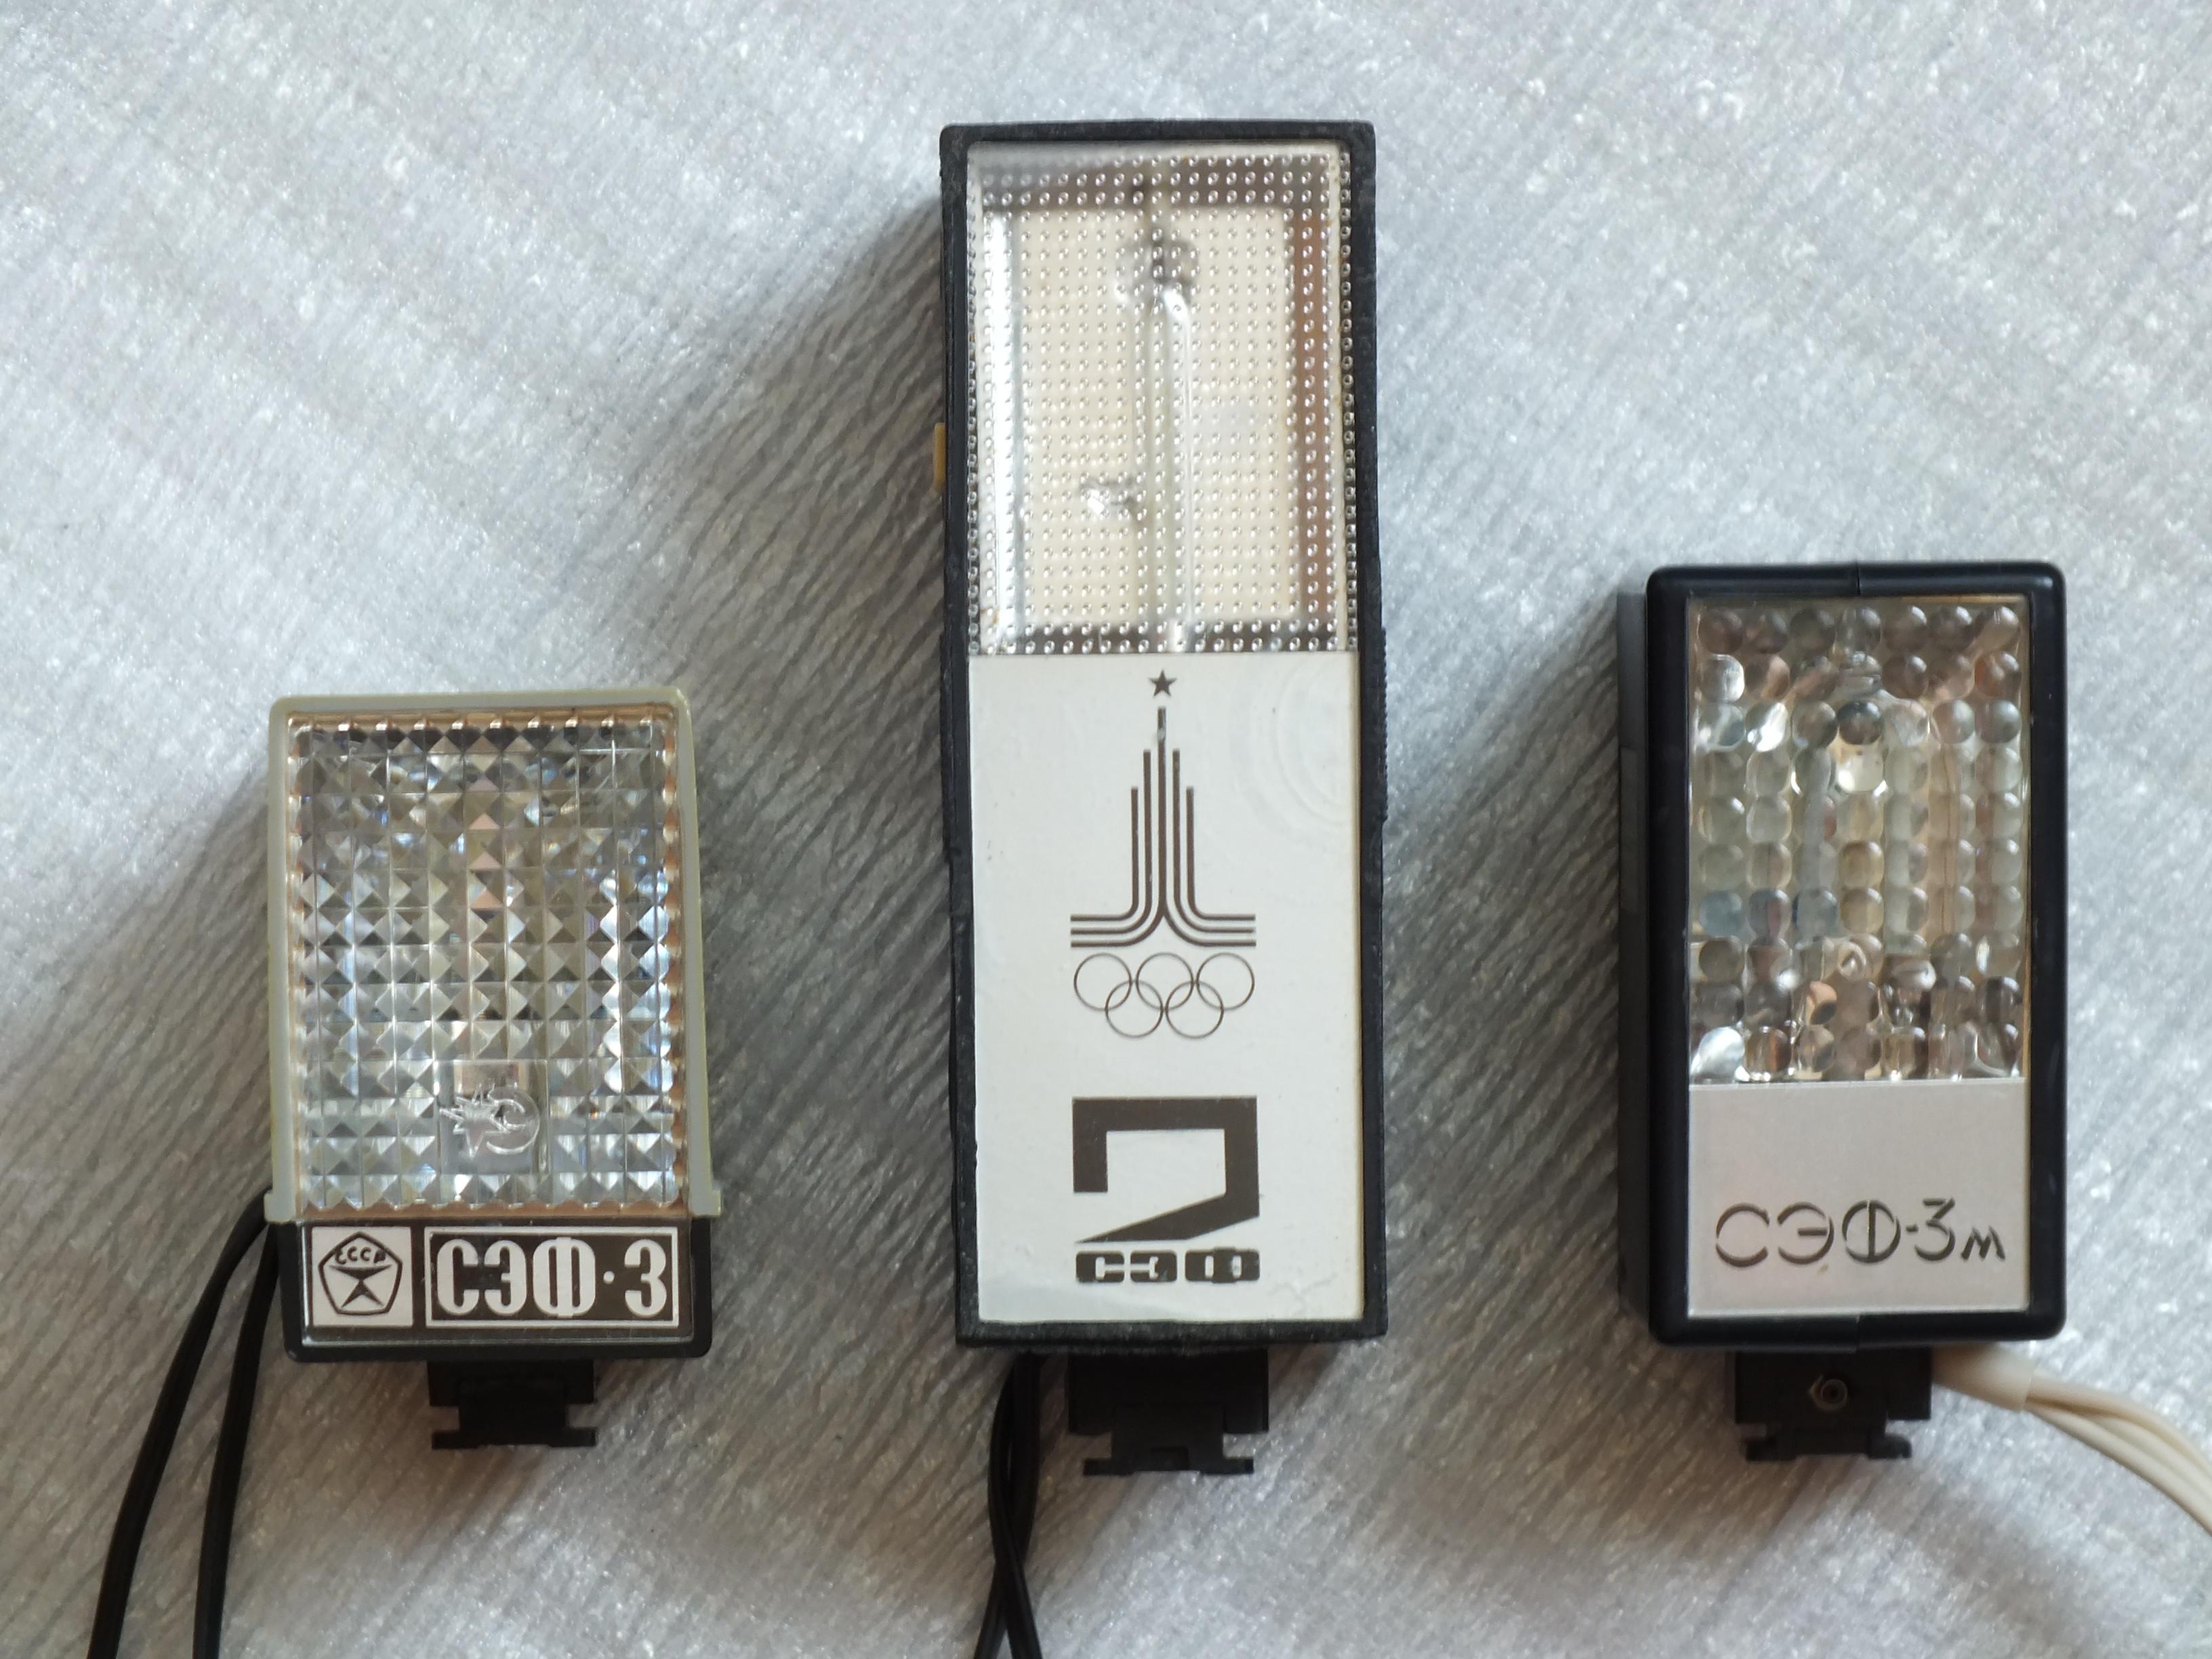 электронная схема усовершенствованного фонарика